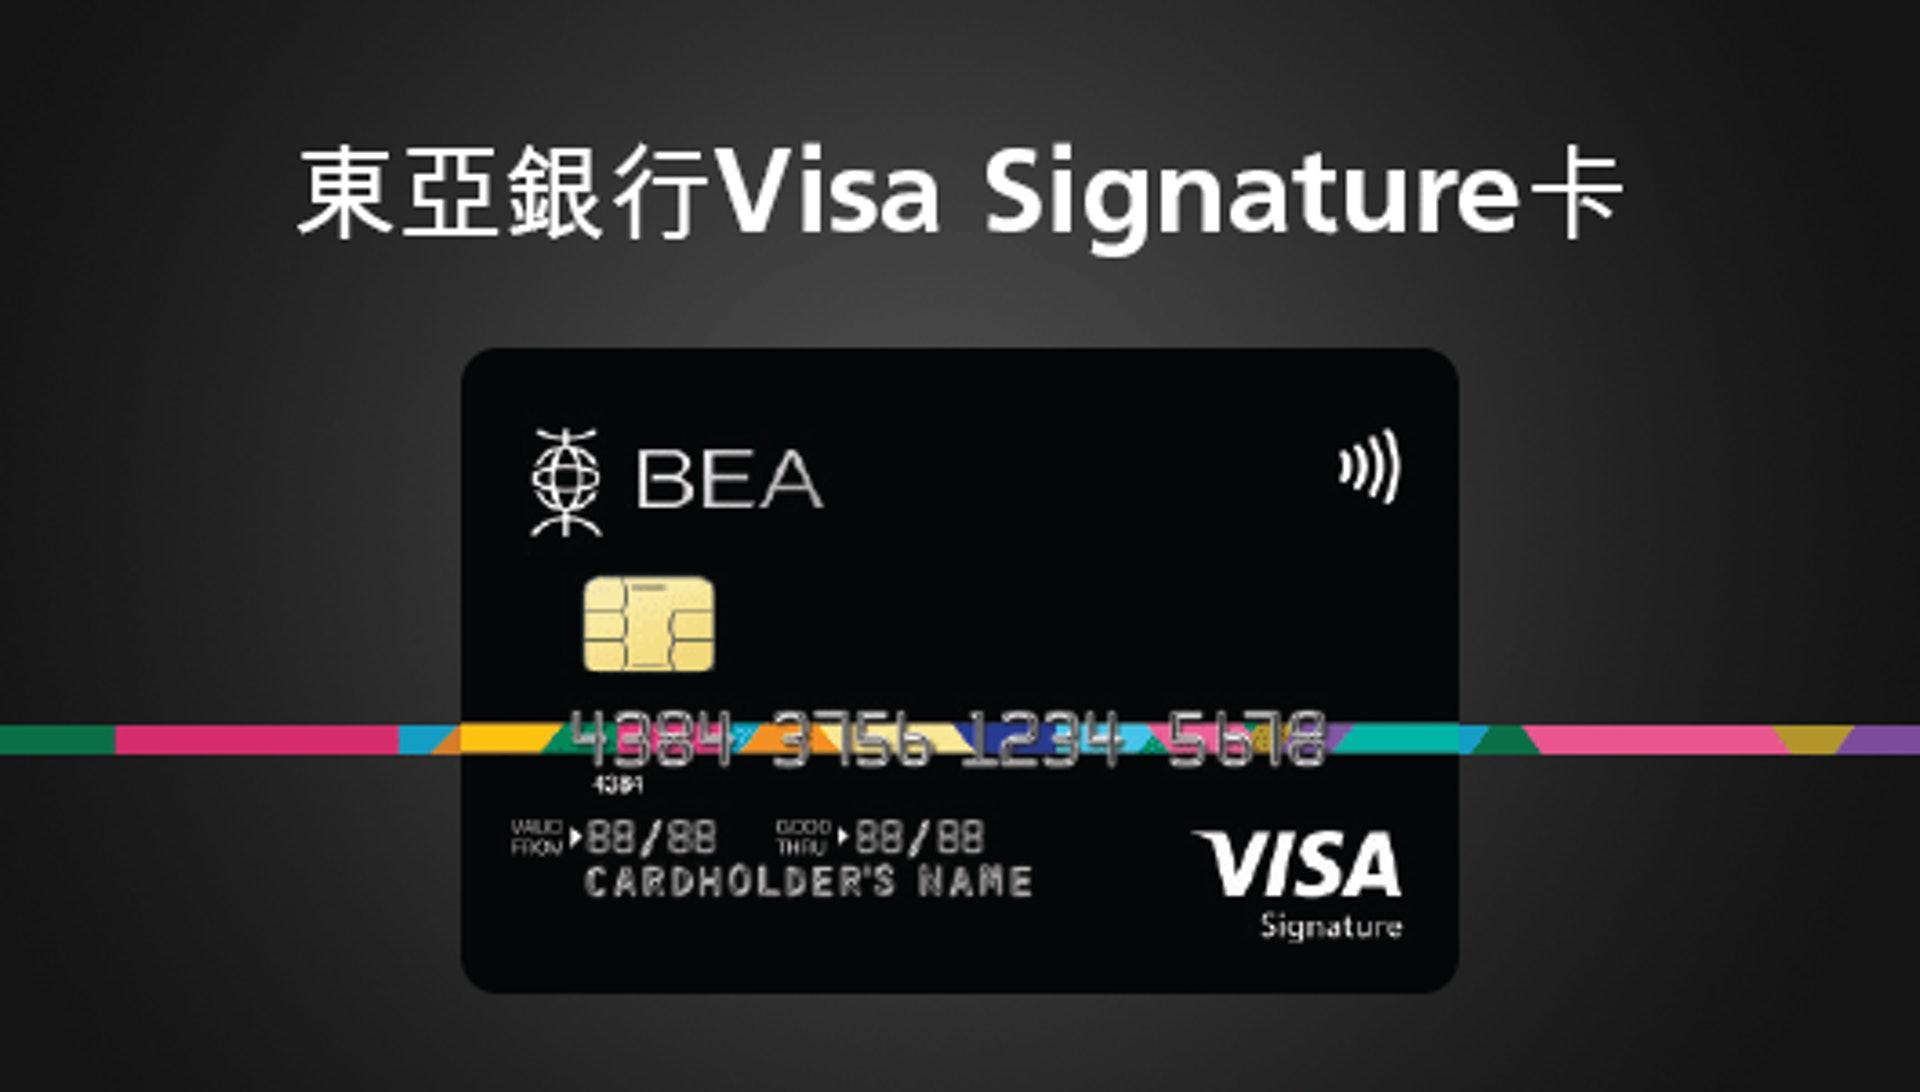 東亞銀行信用卡:至今提供過最多次優先訂票嘅信用卡,以 2019 為例年就有張學友、五月天、蘇永康嘅演唱會。